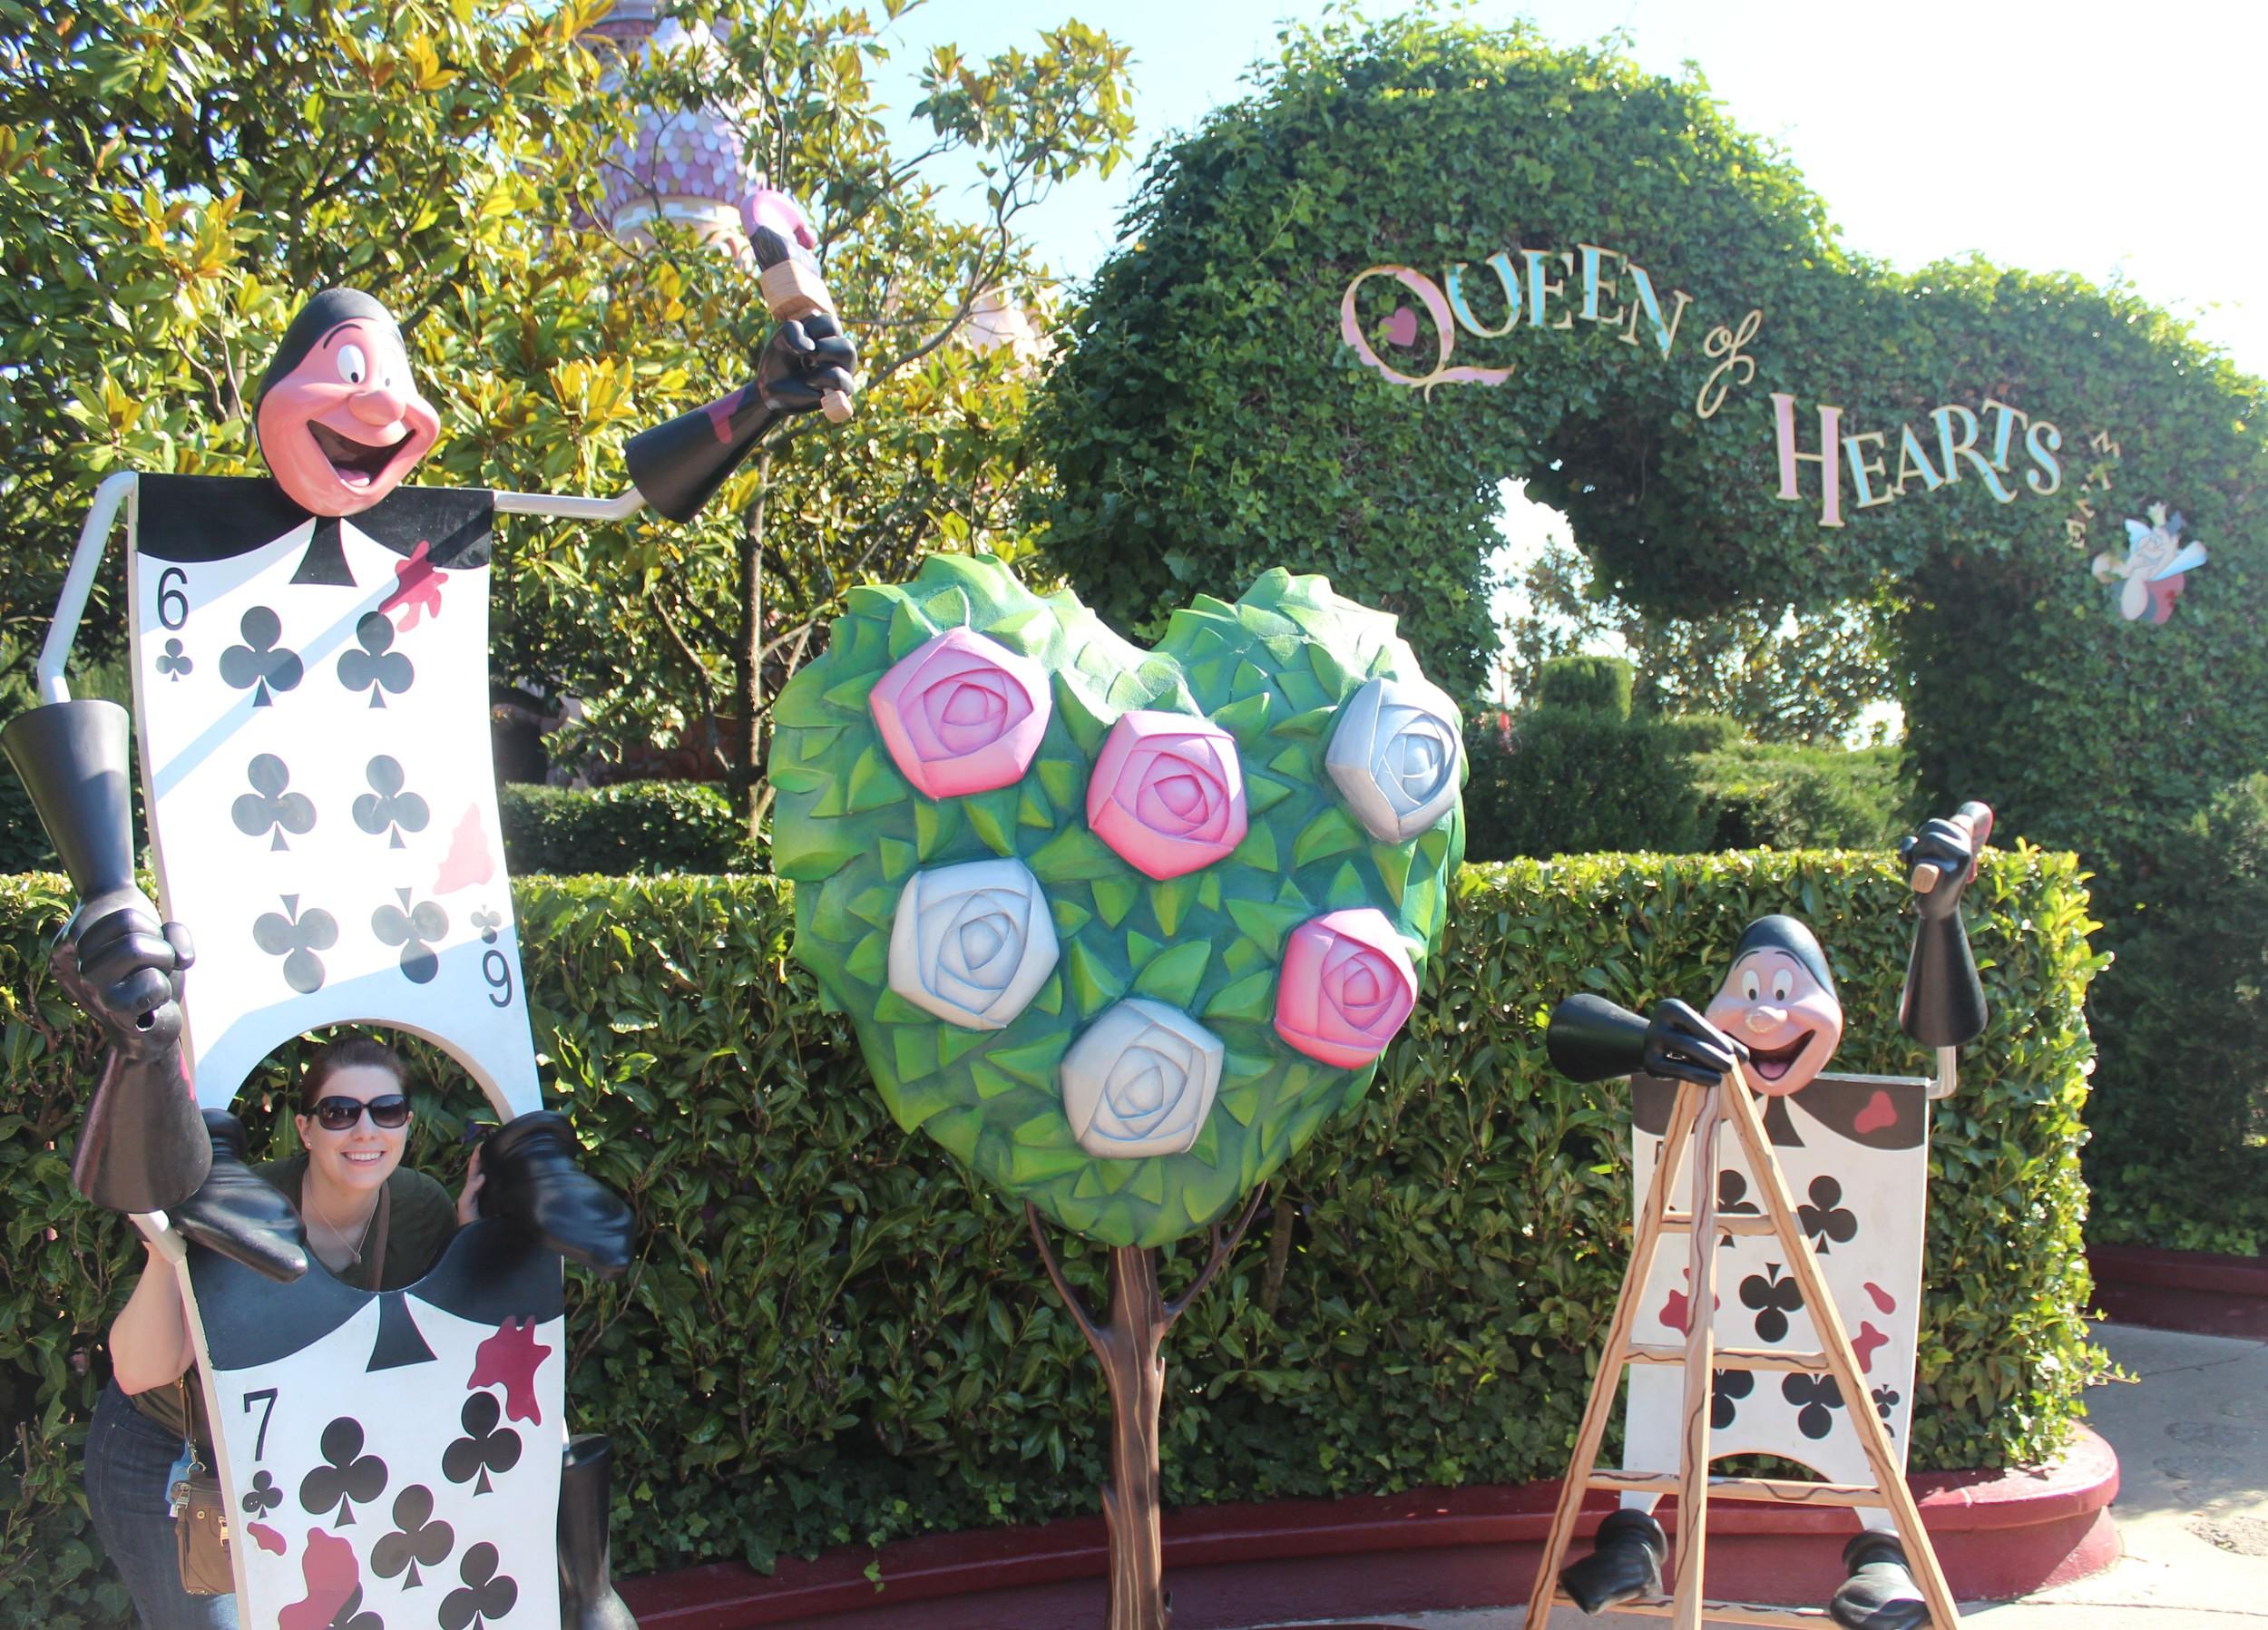 Queen of Hearts Disneyland Paris